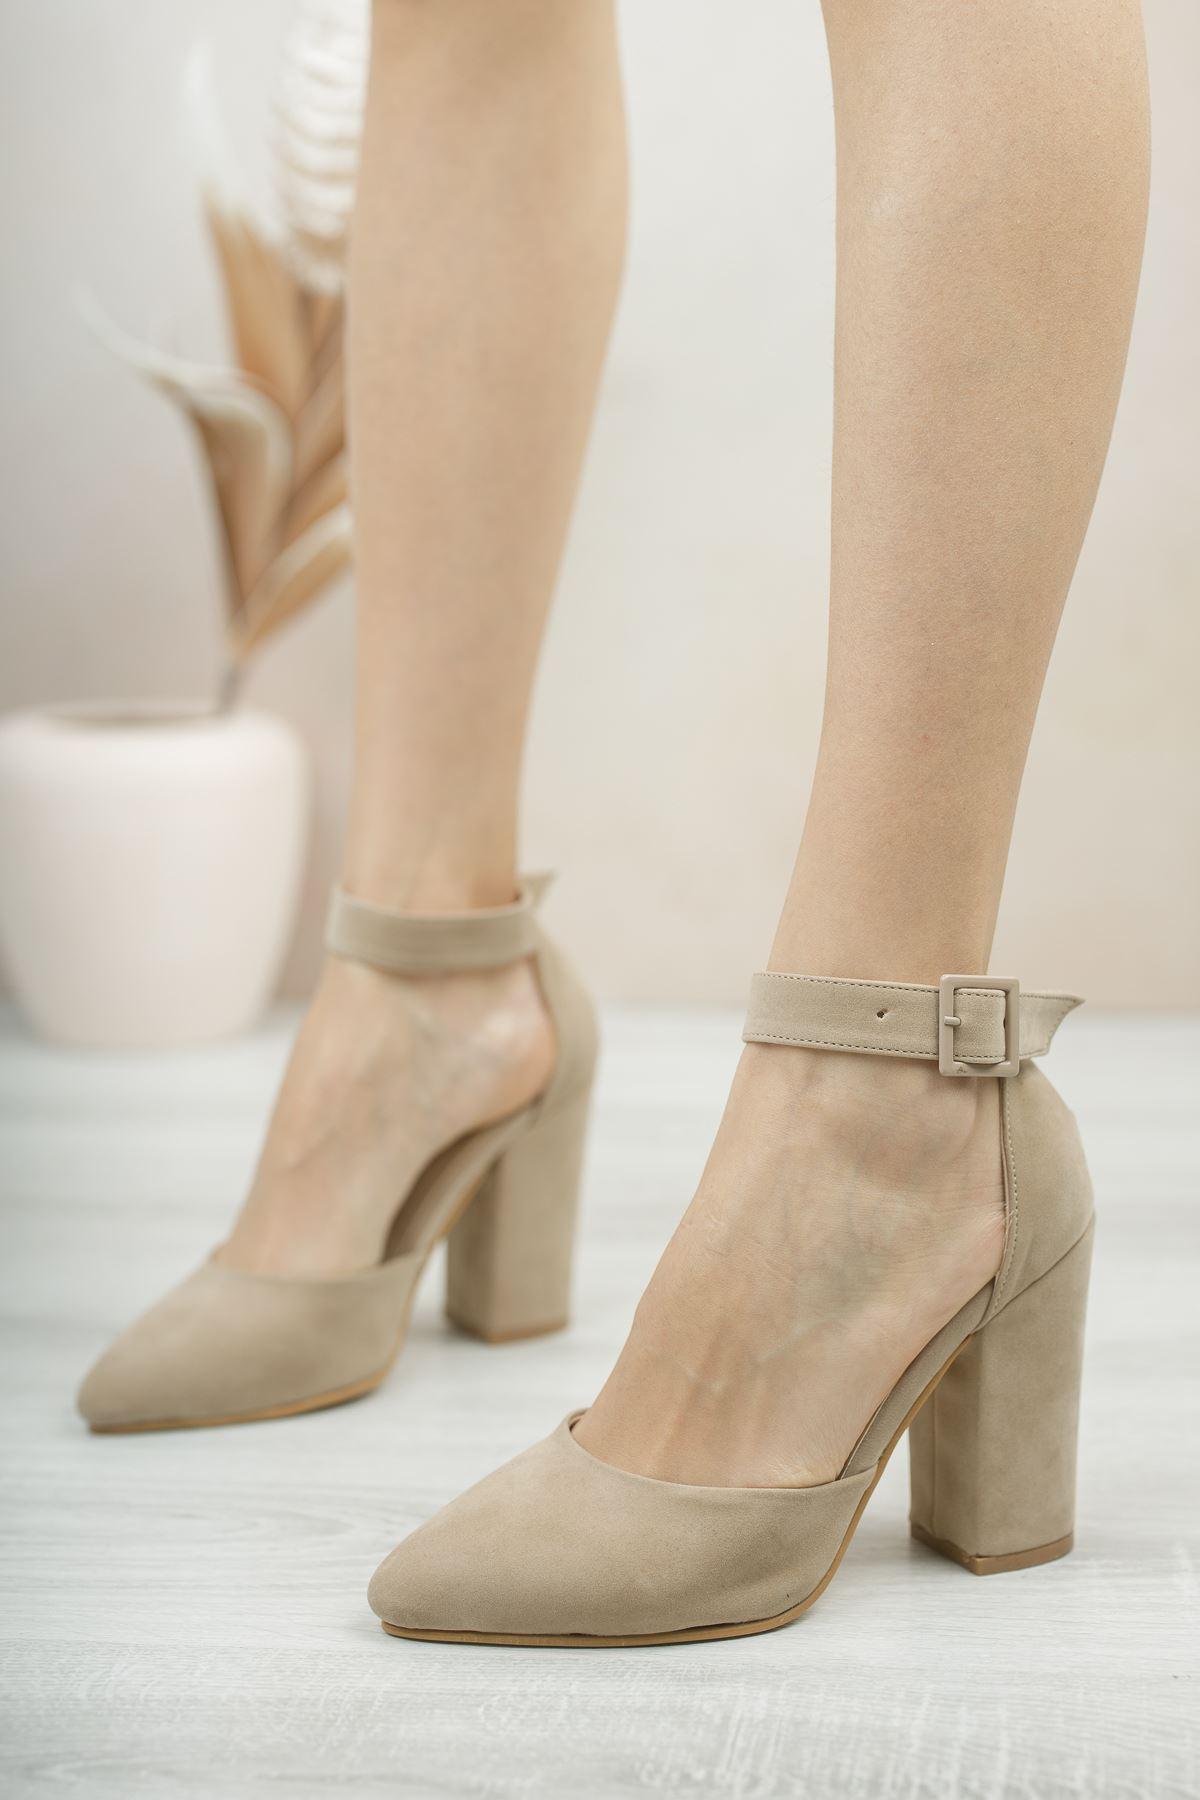 Kadın Benedik Sivri Burun Yüksek Topuklu Vizon Ayakkabı